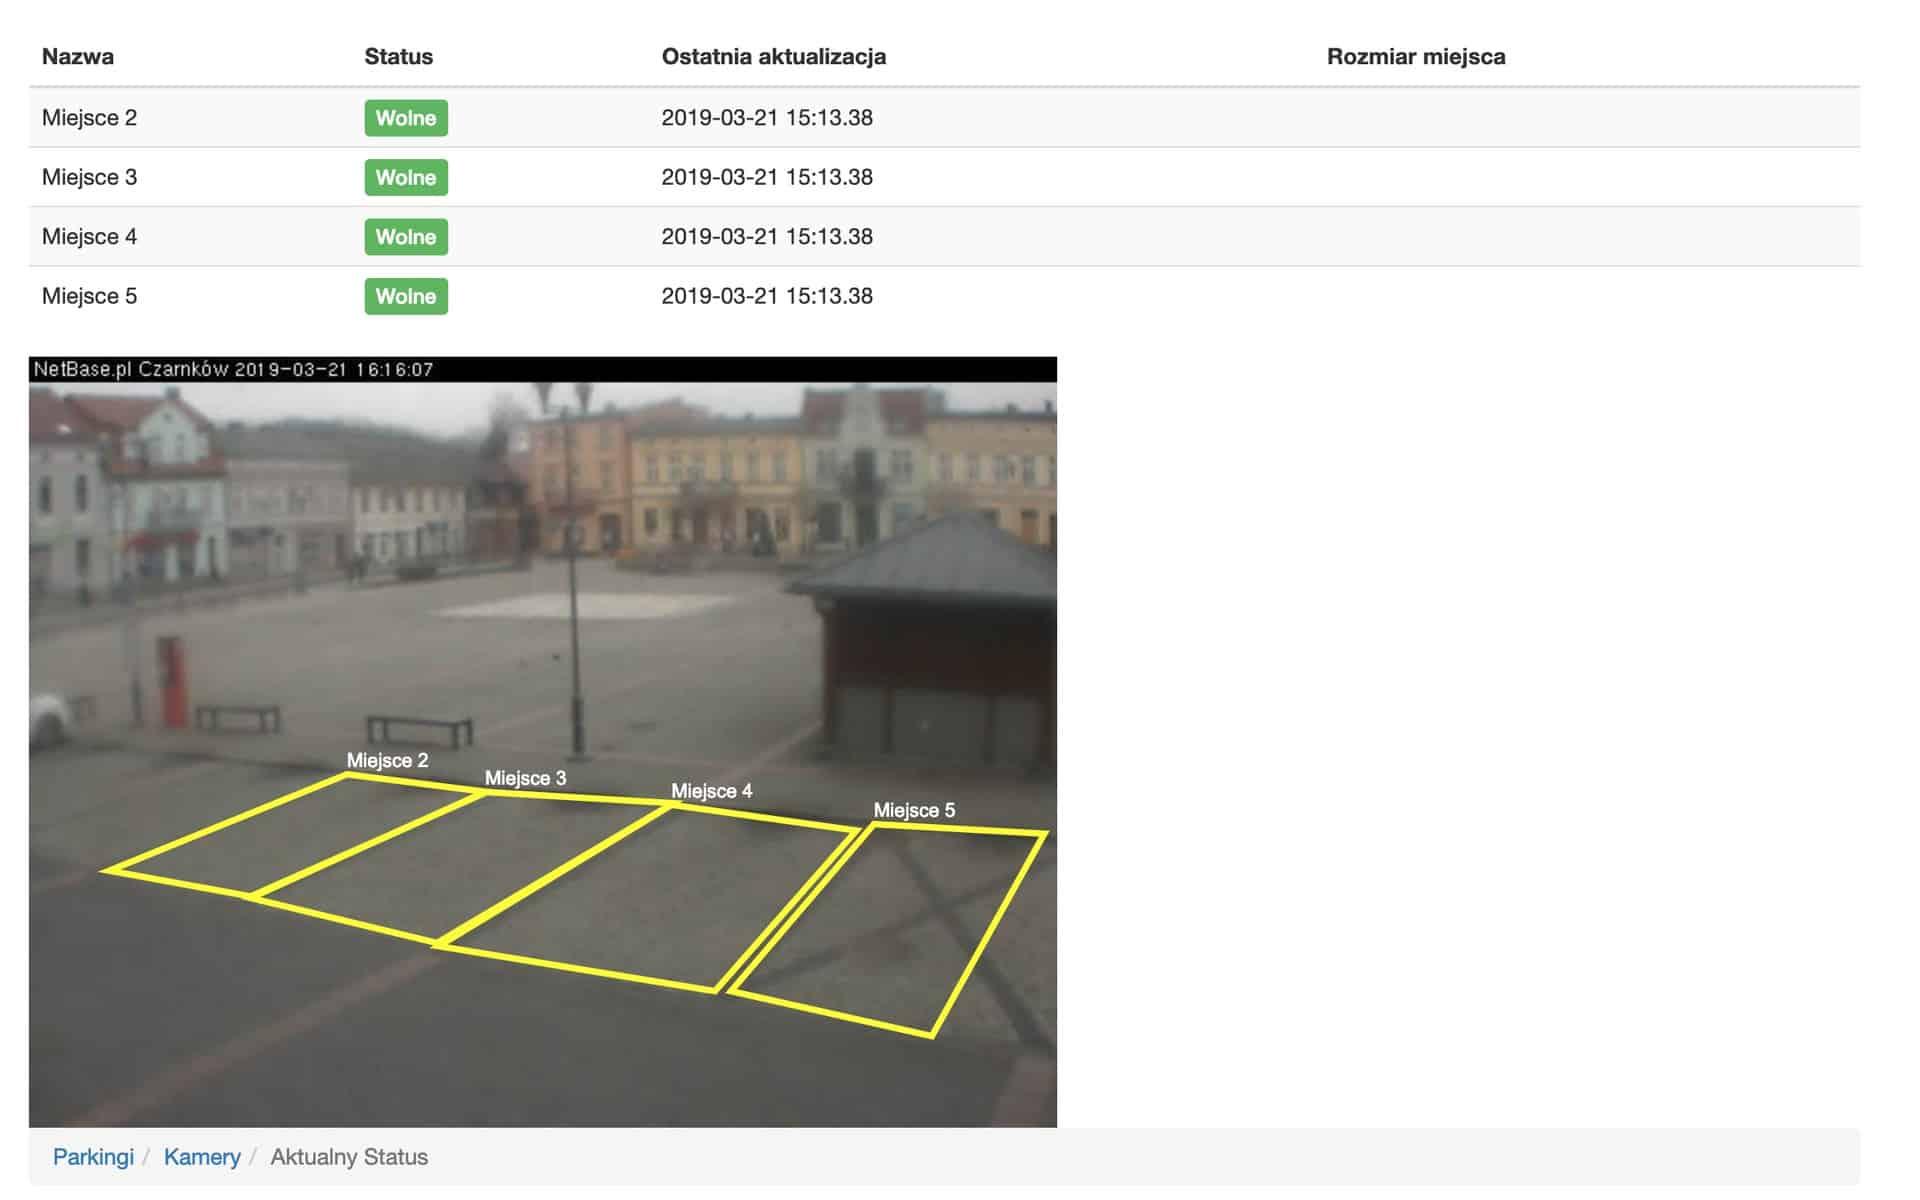 Wizualizacja parkingu wraz ze statusem wolnych miejsc